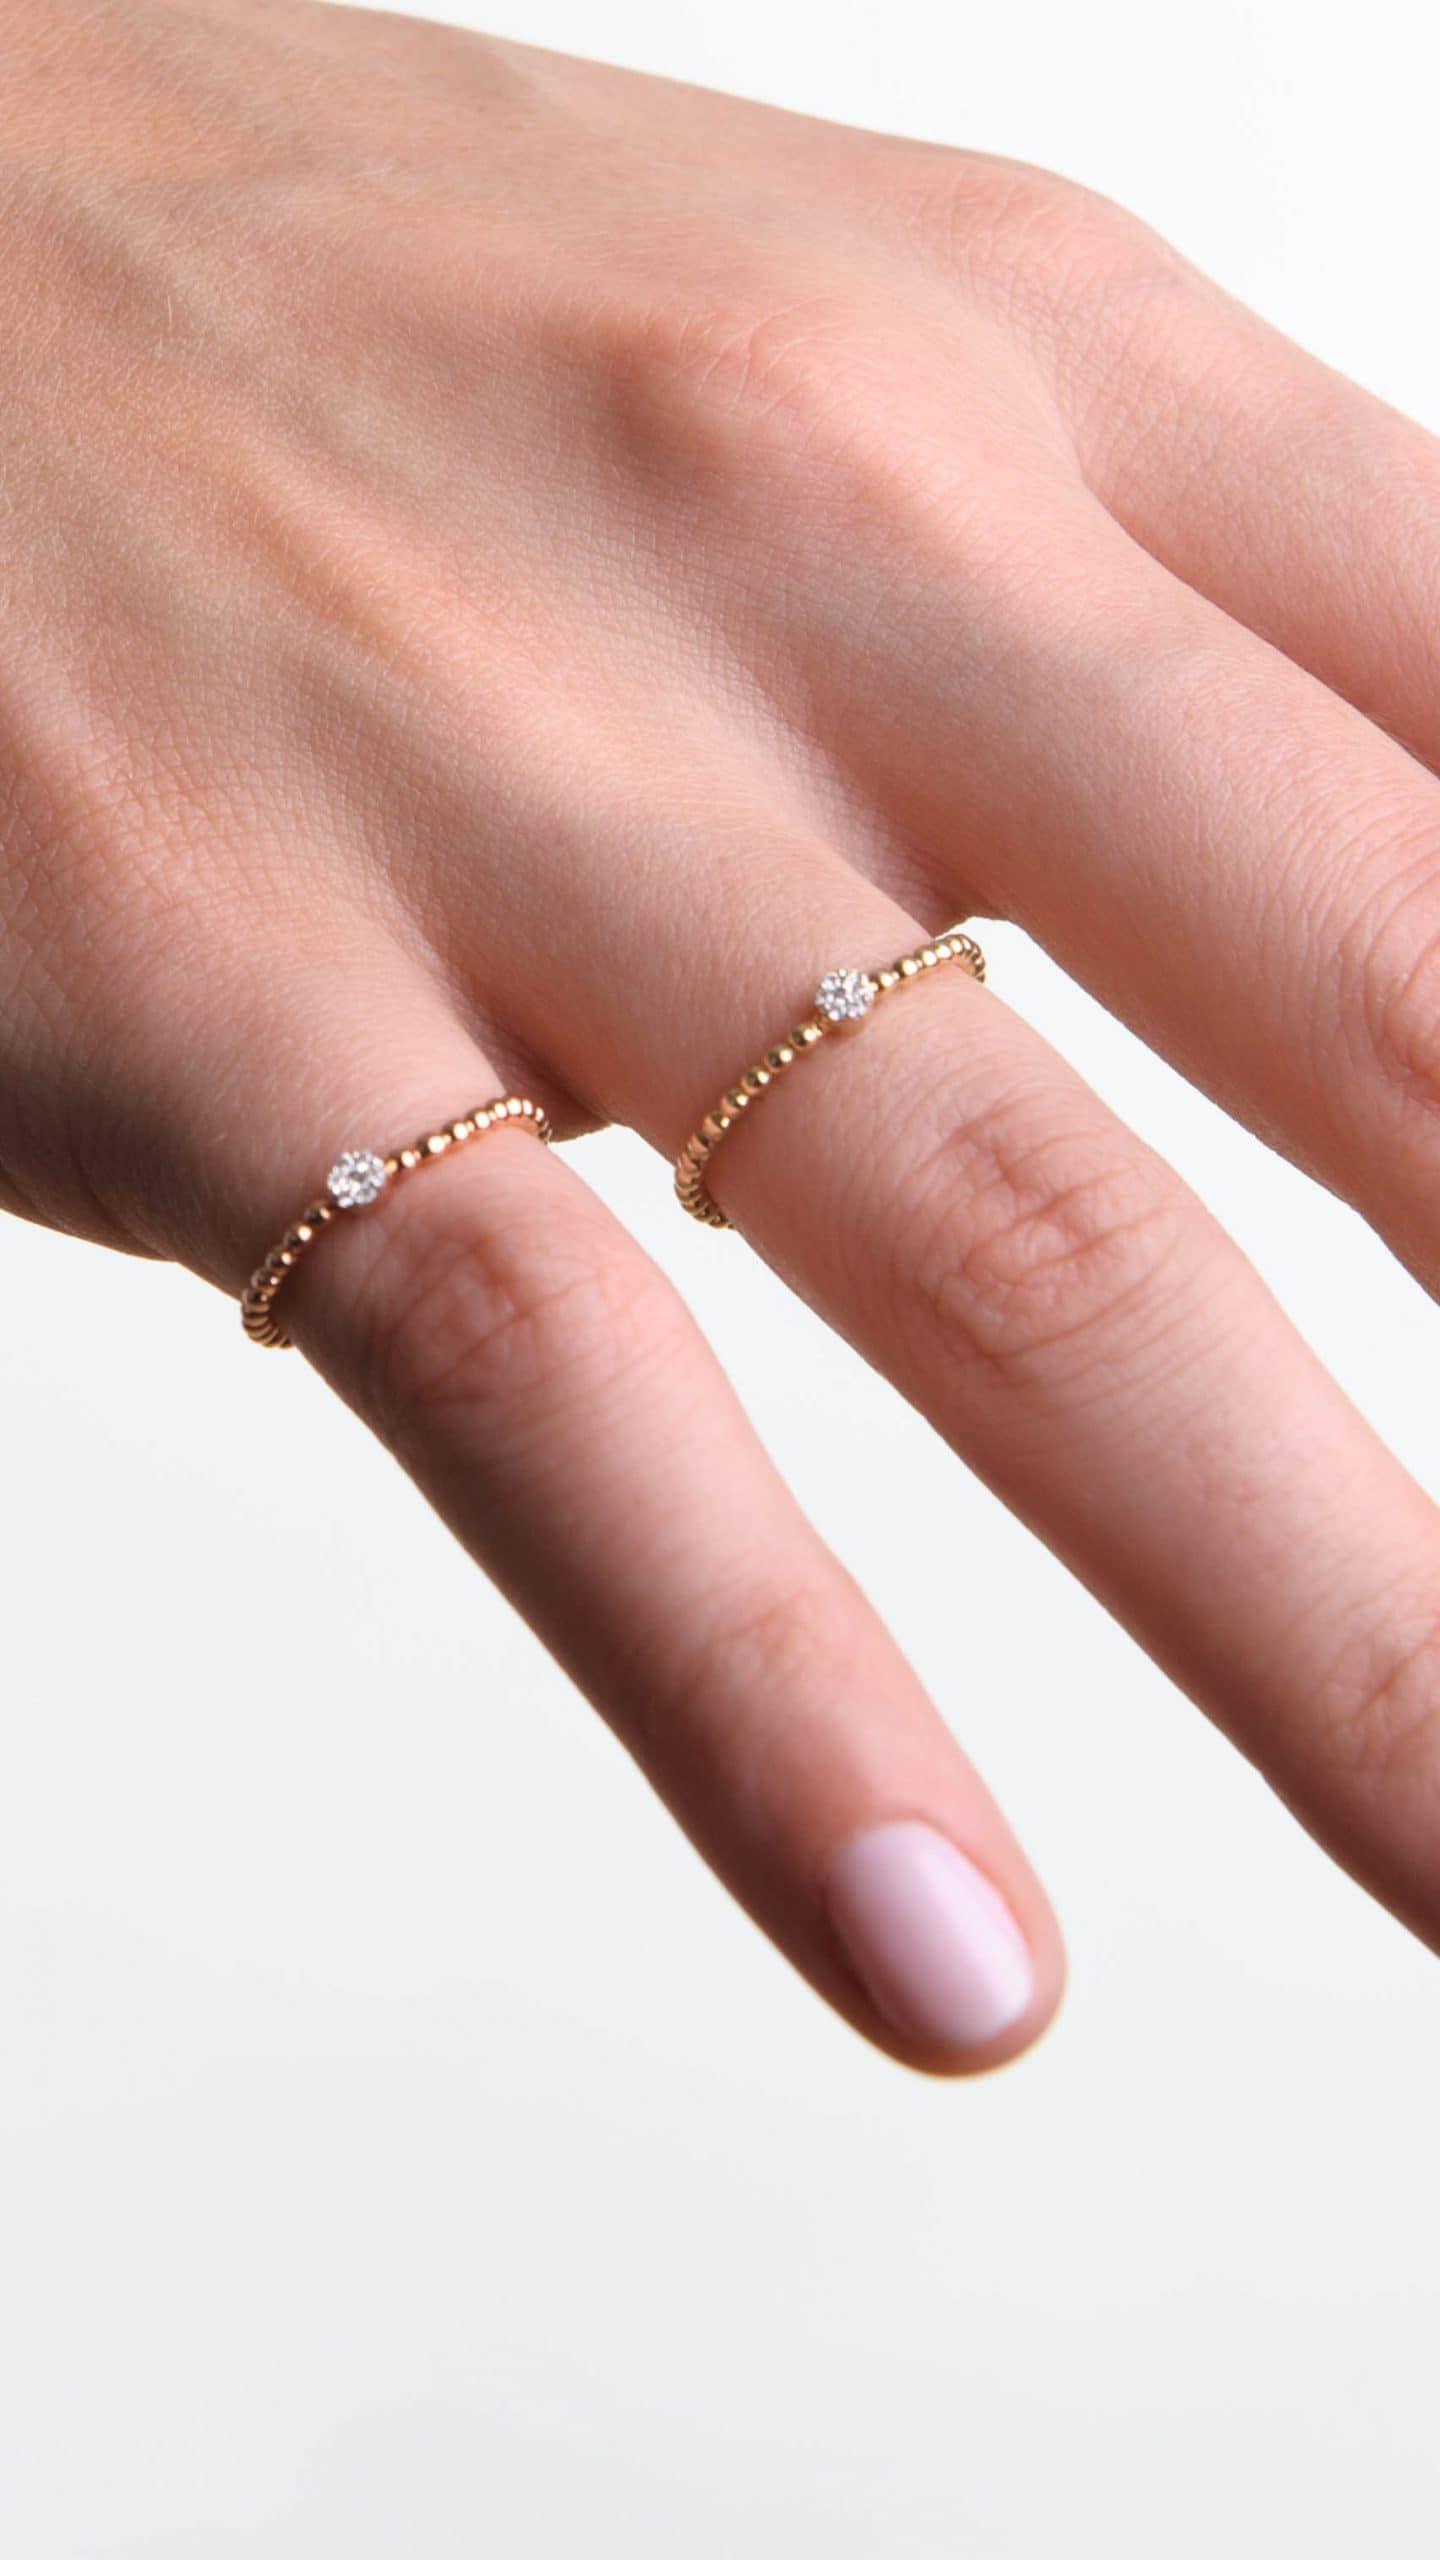 Modelka prezentuje na dłoni zestaw złotych pierścionków. Jeden jest wykonany z różowego złota, drugi z żółtego, oba wysadzane są naturalnymi diamentami.